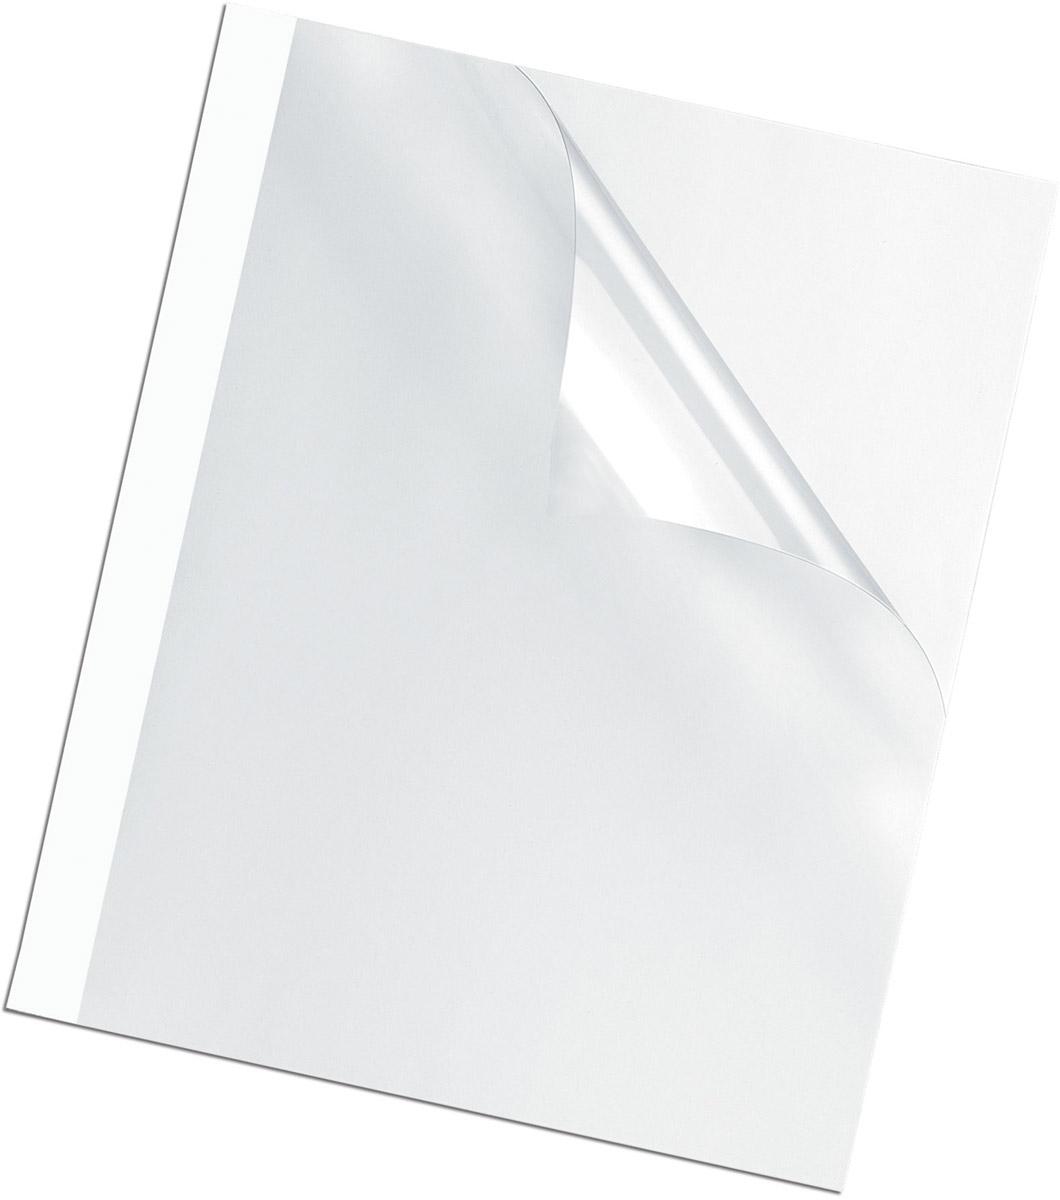 Fellowes A4 FS-53906 обложка для термопереплета, 20 мм (50 шт)FS-53906Обложка для термопереплета предназначена для оформления документов. Верх обложки – прозрачный PVC (150мкм), низ – глянцевый картон (220гр/кв.м). 50шт. в розничной упаковке.